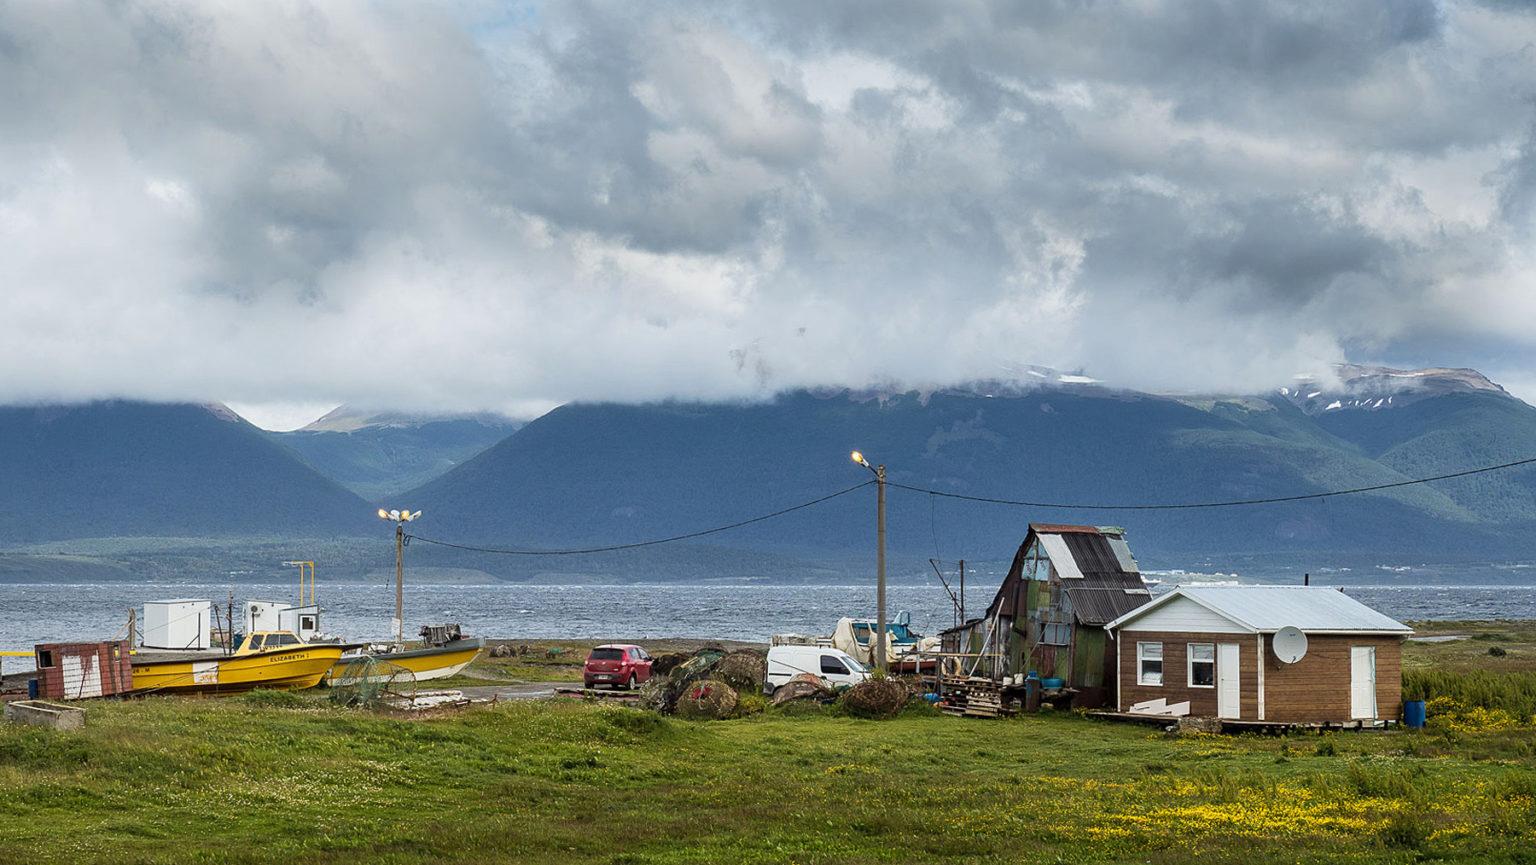 Einfachste, ärmliche Fischerhäuser im äußersten Süden Argentiniens